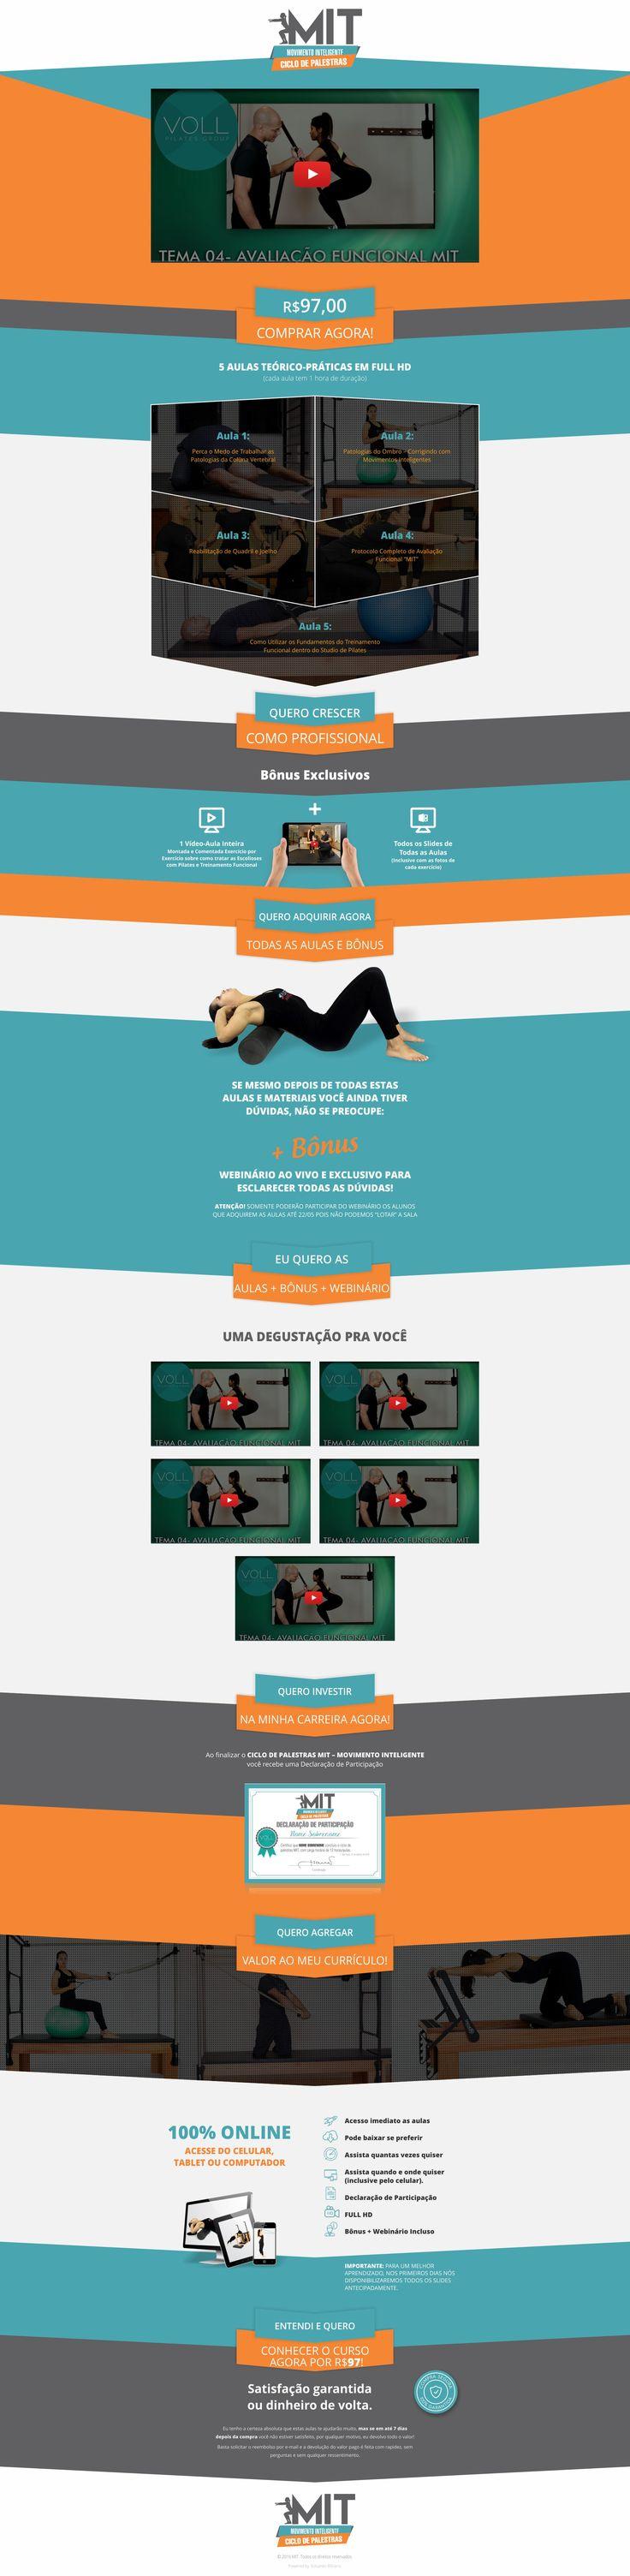 Site criado para o curso de pilates MIT. O site pode ser visto em http://formacaomit.com.br/palestras